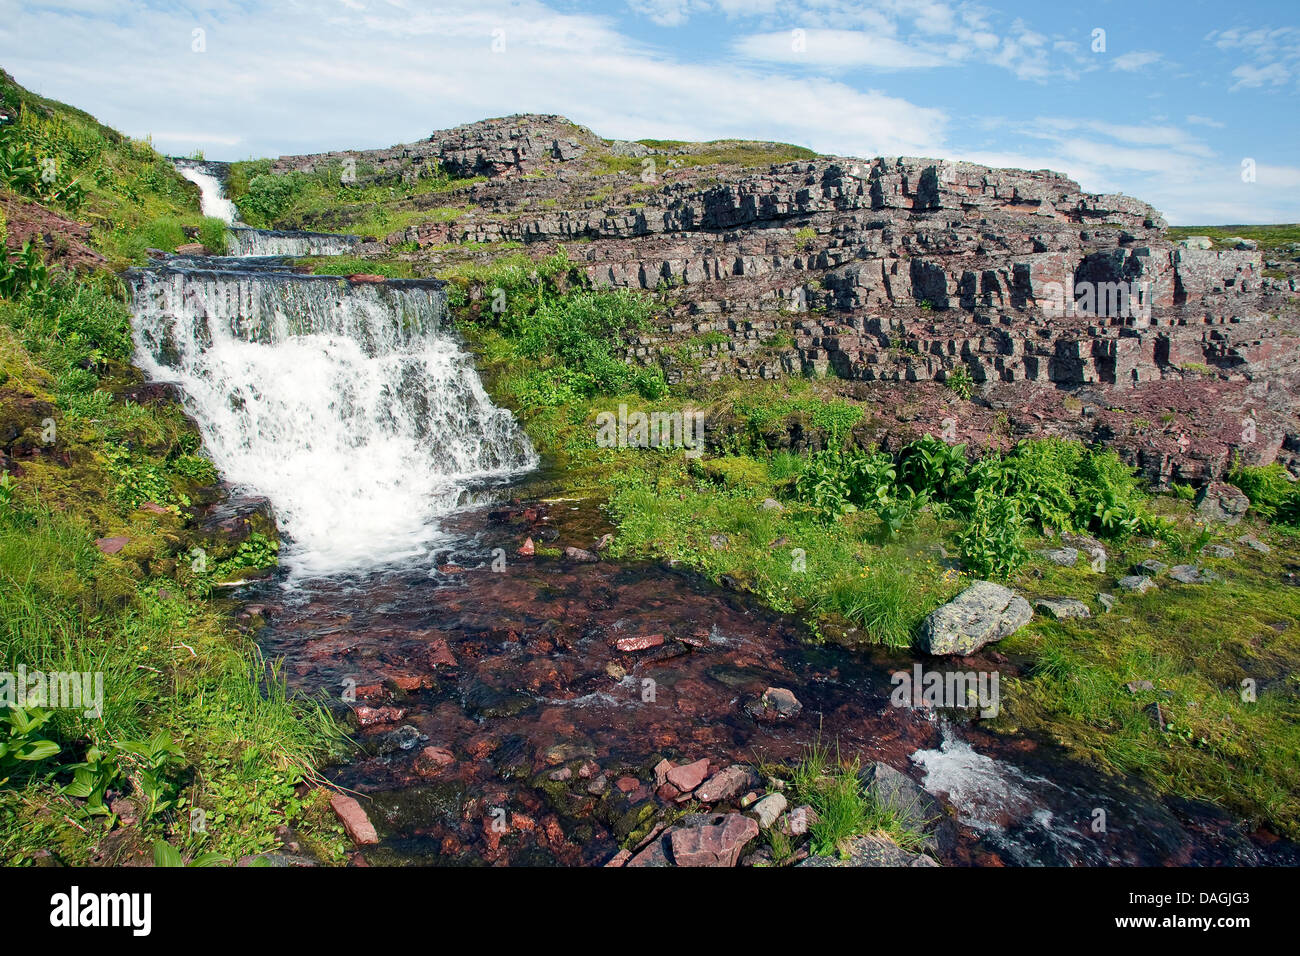 Agua corriente, Noruega, la Península de Varanger, Laponia Foto de stock